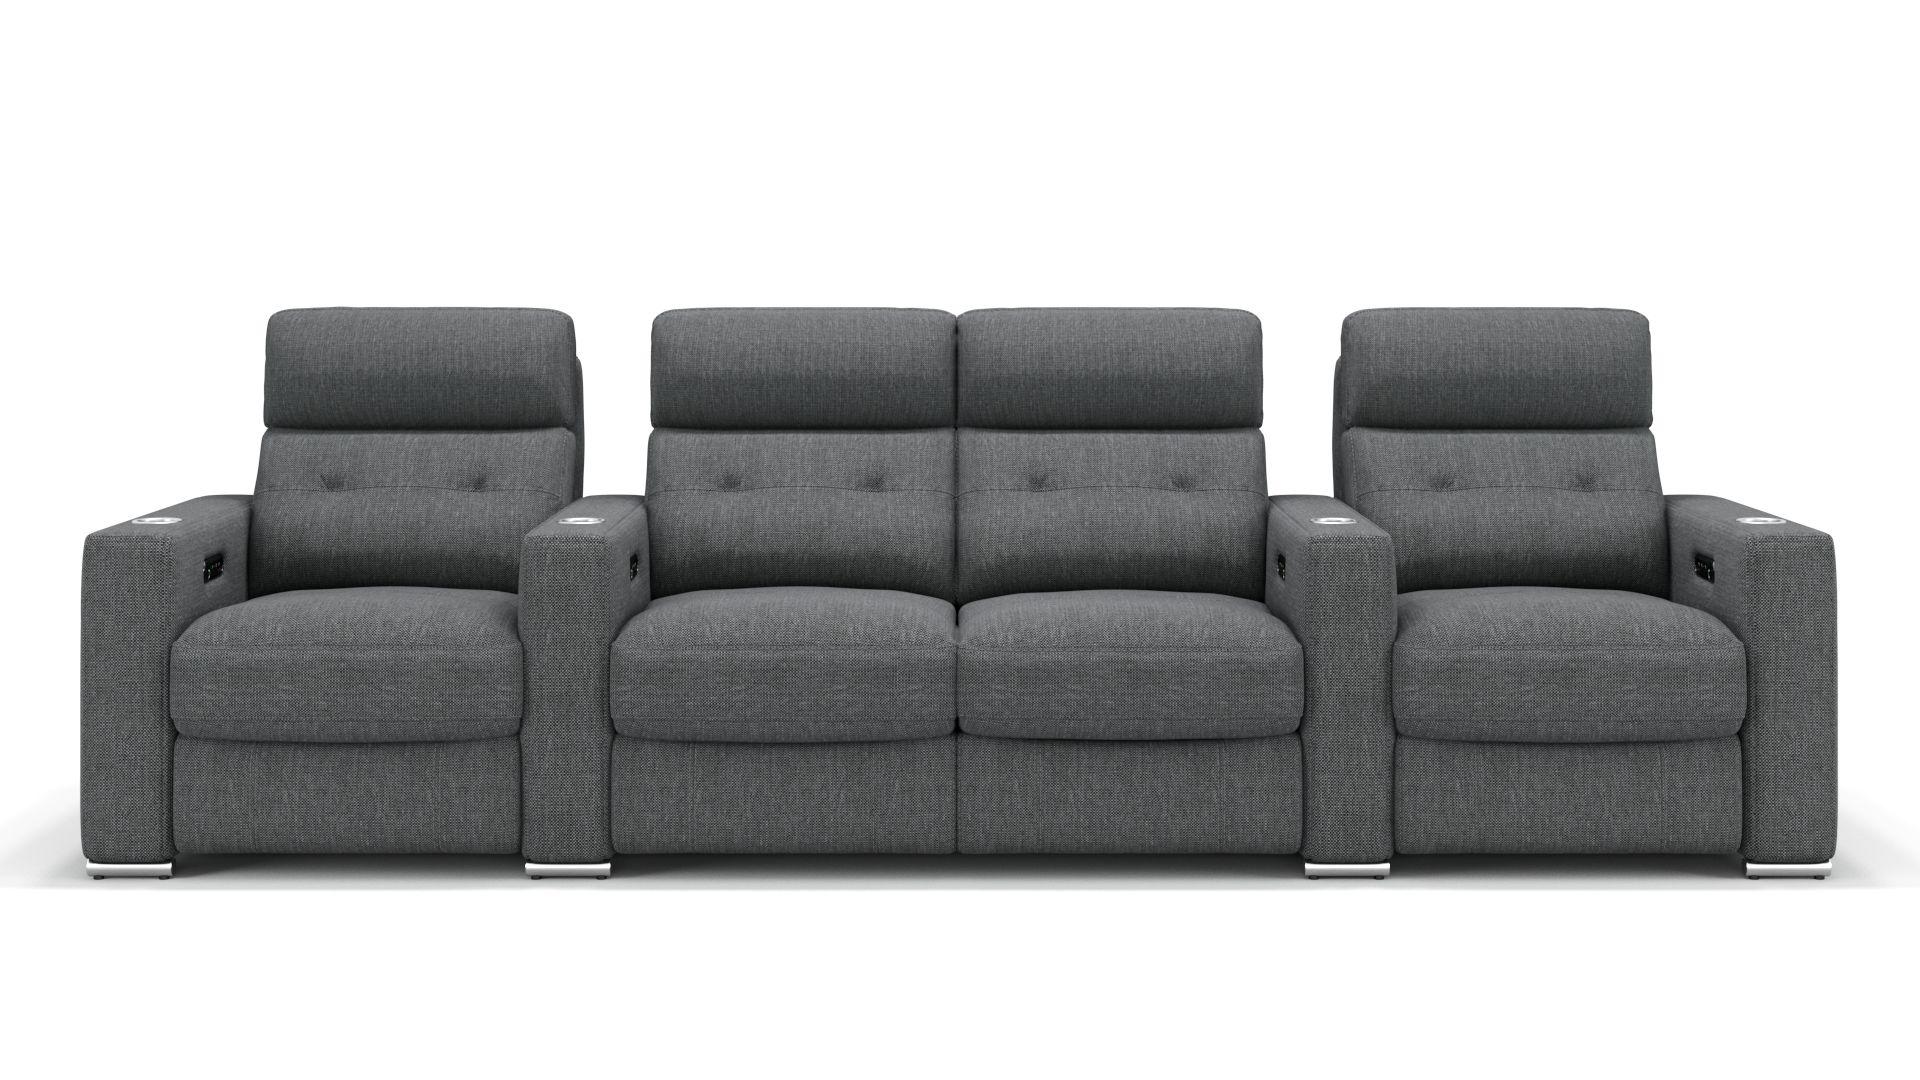 Stoff 4-Sitzer Kinosofa mit zwei Mittelkonsolen MATERA